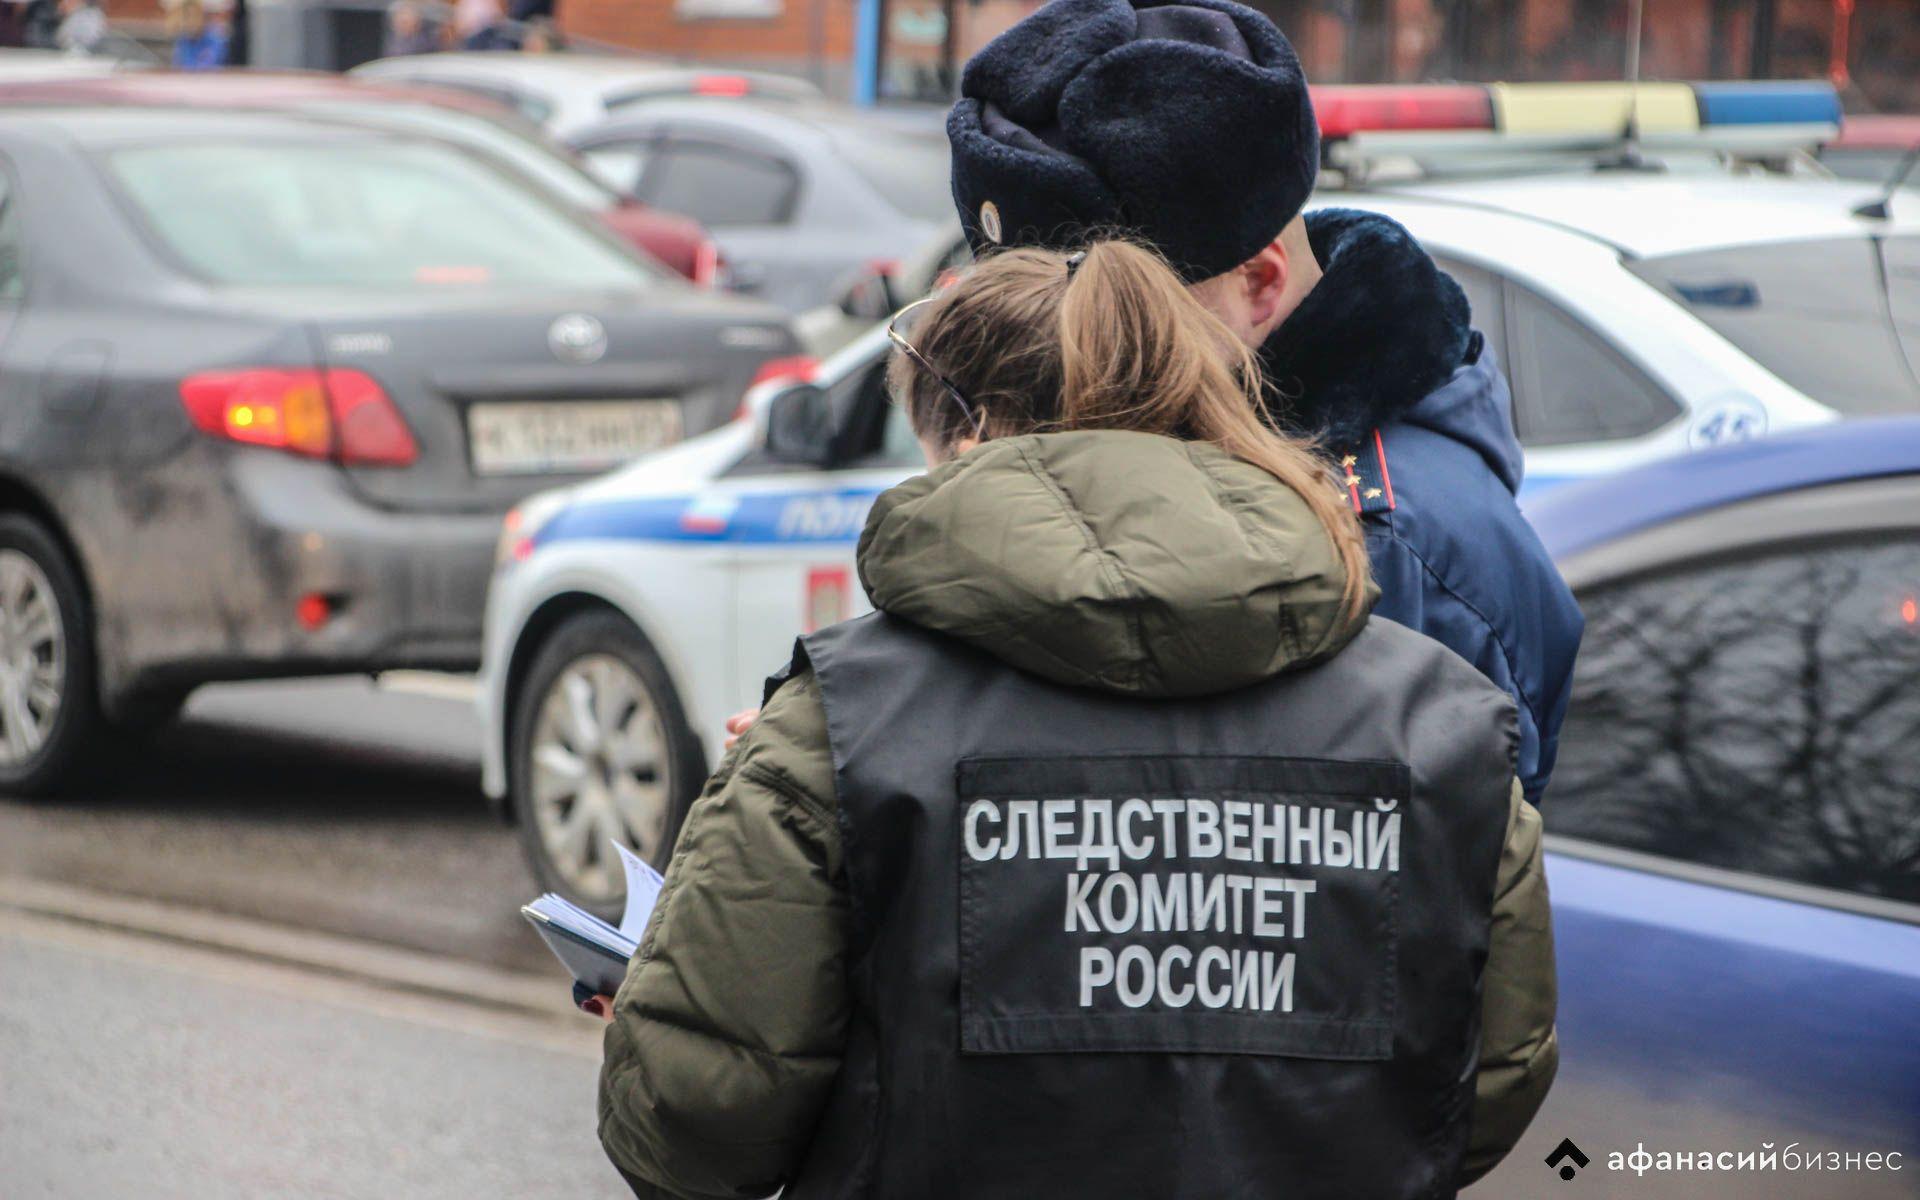 В Тверской области возбуждено уголовное дело после травмирования ребенка льдом, упавшим с крыши - новости Афанасий